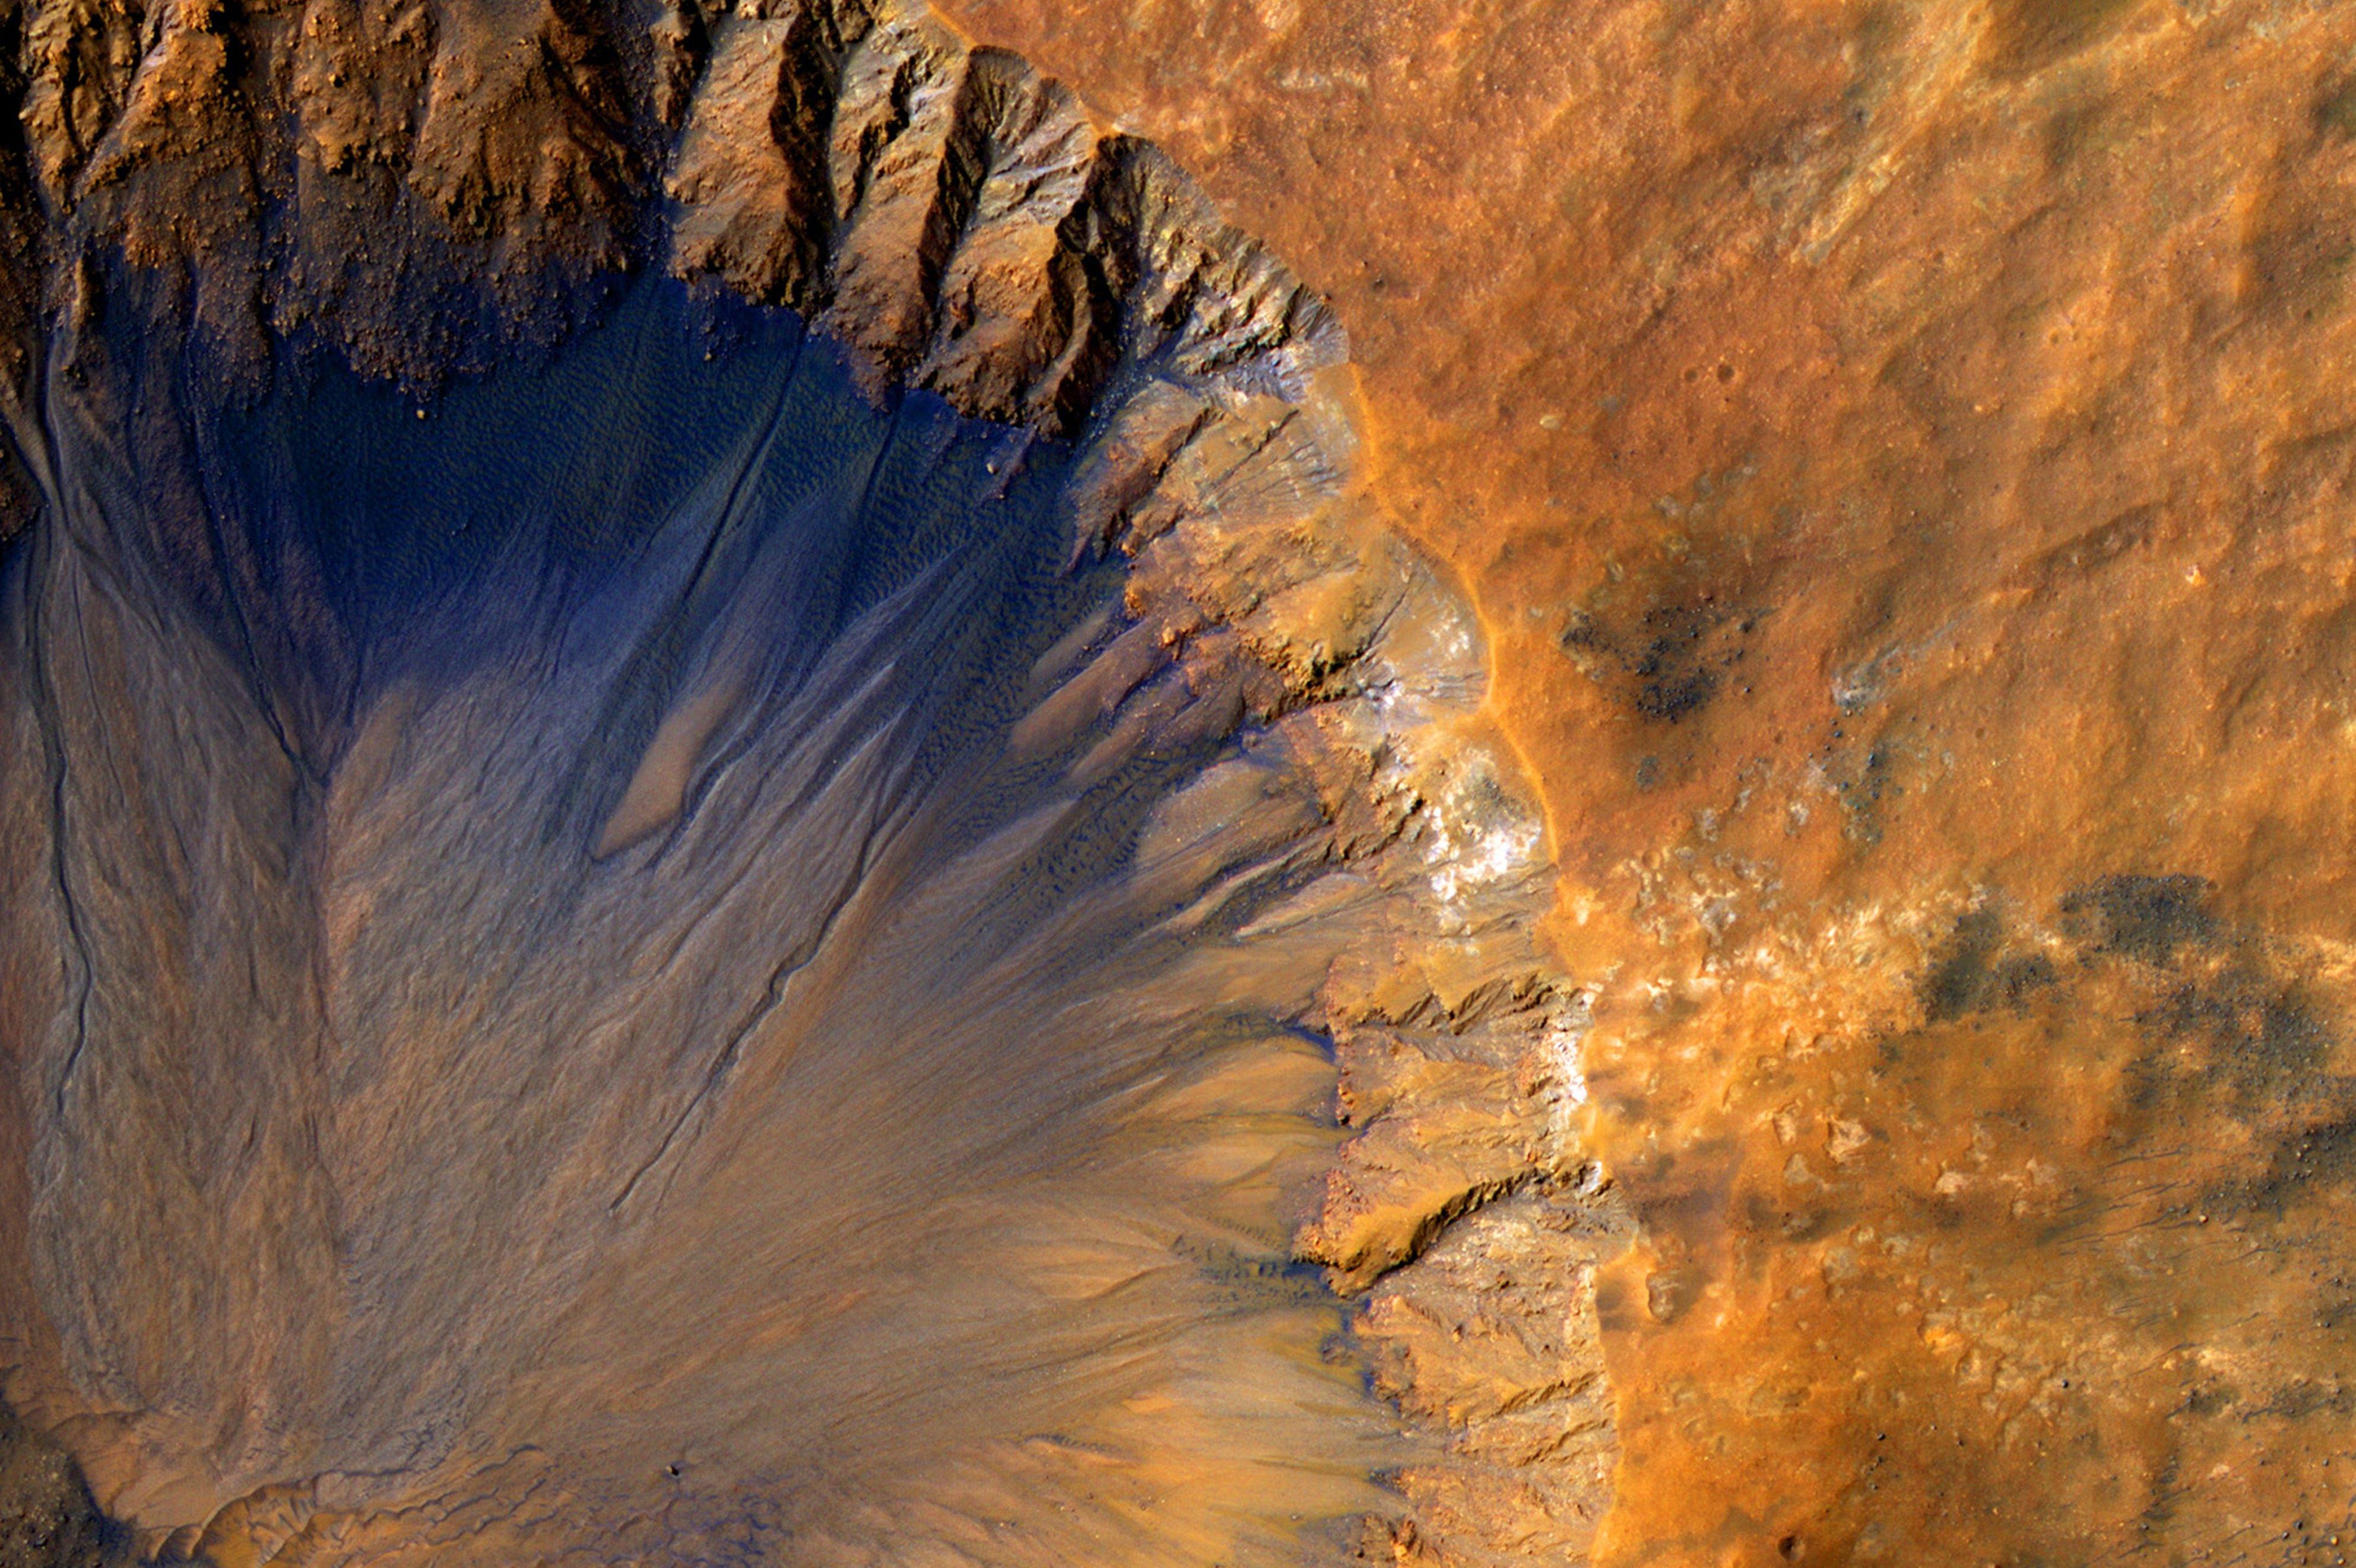 En 1976, la NASA aurait découvert des traces de vie sur Mars